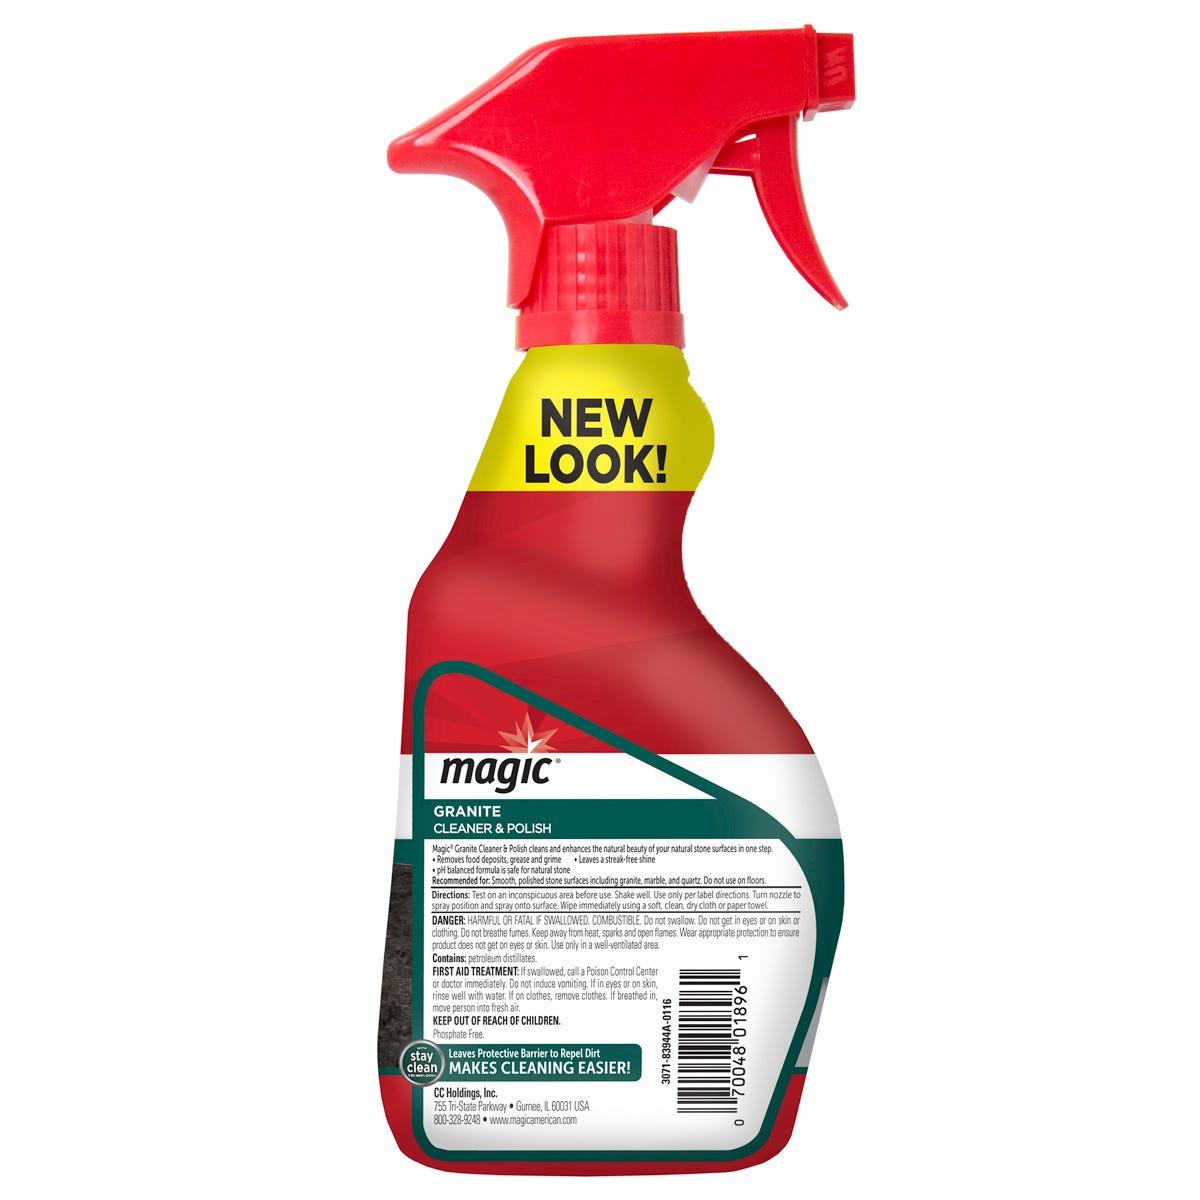 https://googone.com/media/catalog/product/m/a/magic-granite-cleaner-spray_back.jpg